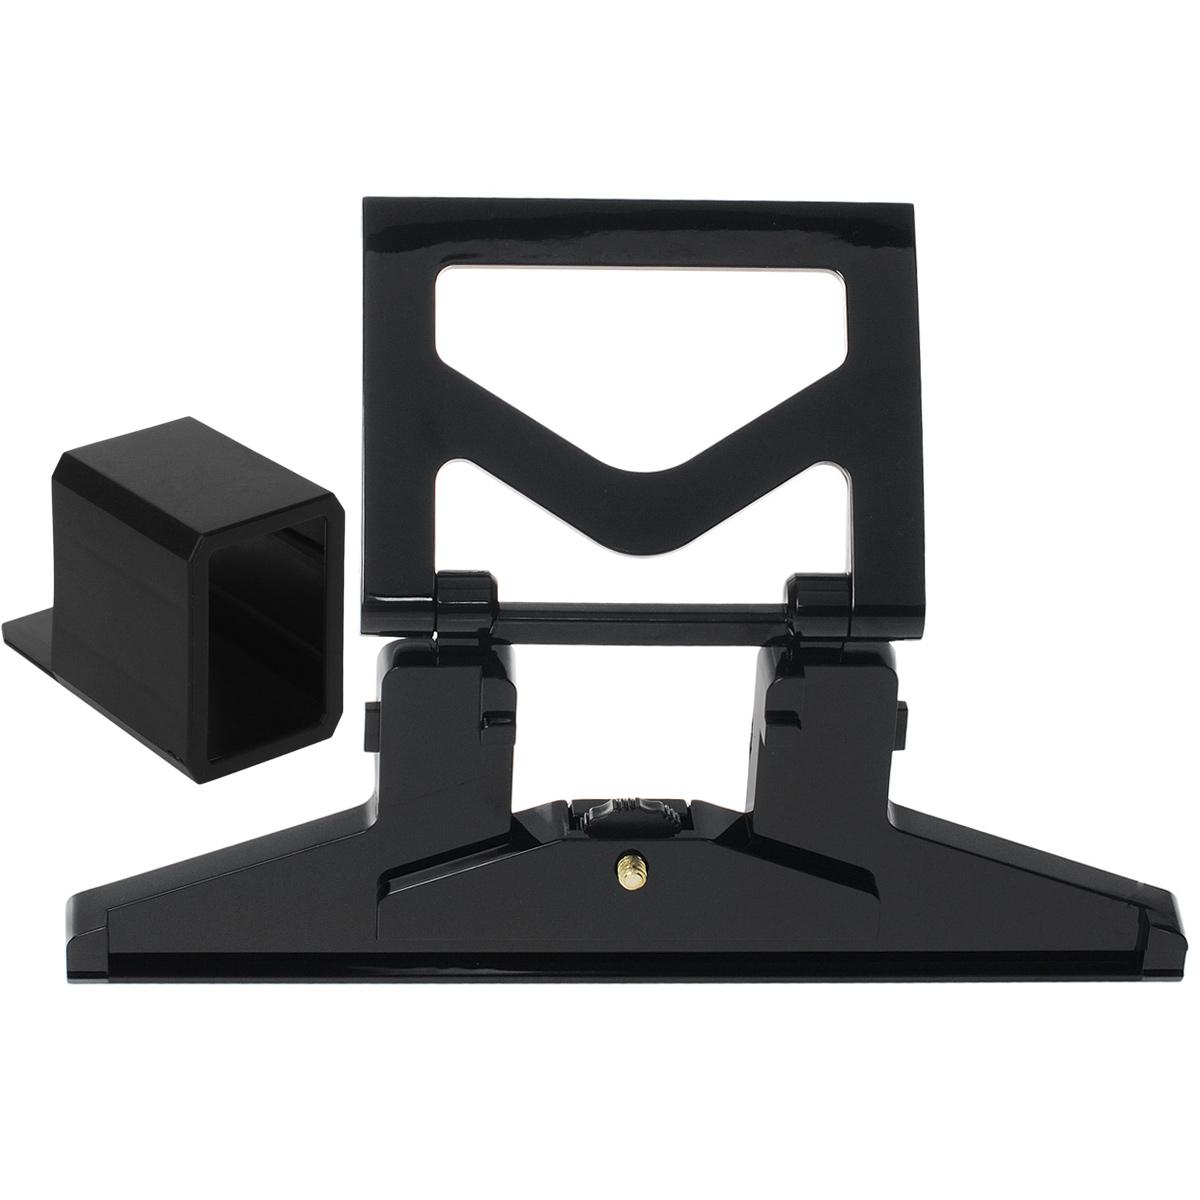 Крепление на телевизор Black Horns для Kinect Xbox One телевизор для кухни